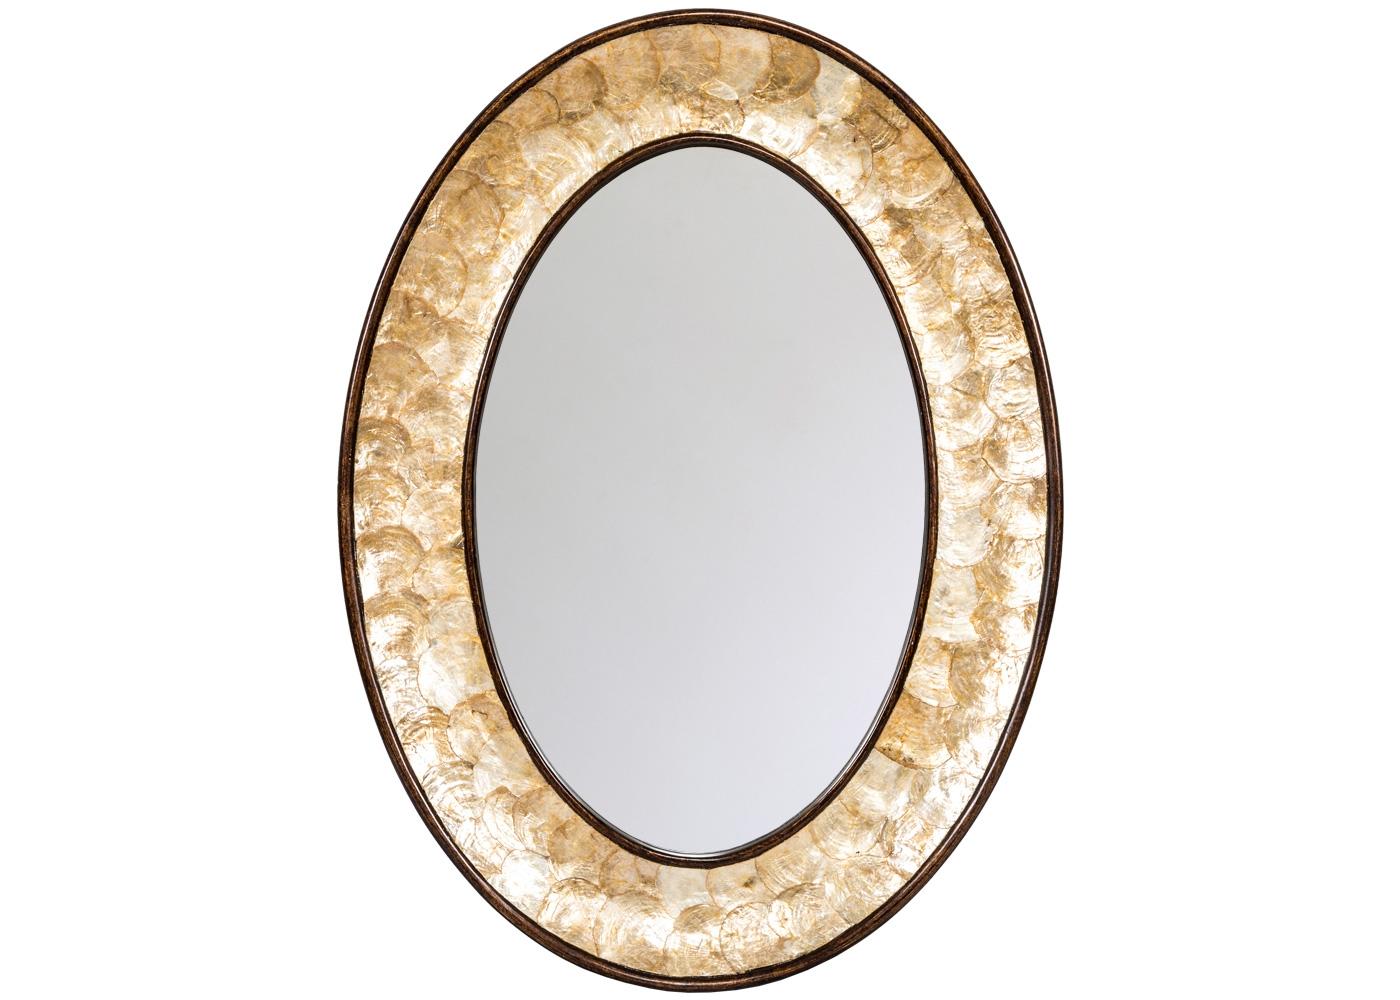 Настенное зеркало «Беркшир»Настенные зеркала<br>Классический овал зеркала Беркшир доведен до совершенства натуральным перламутром. Пластины перламутра представляют собой верхний слой океанических раковин. Их объемный отблеск загадочен и великолепен. Гармоничный силуэт подчеркнут деликатной фацетной гранью, придающей отражениям объем и глубину.